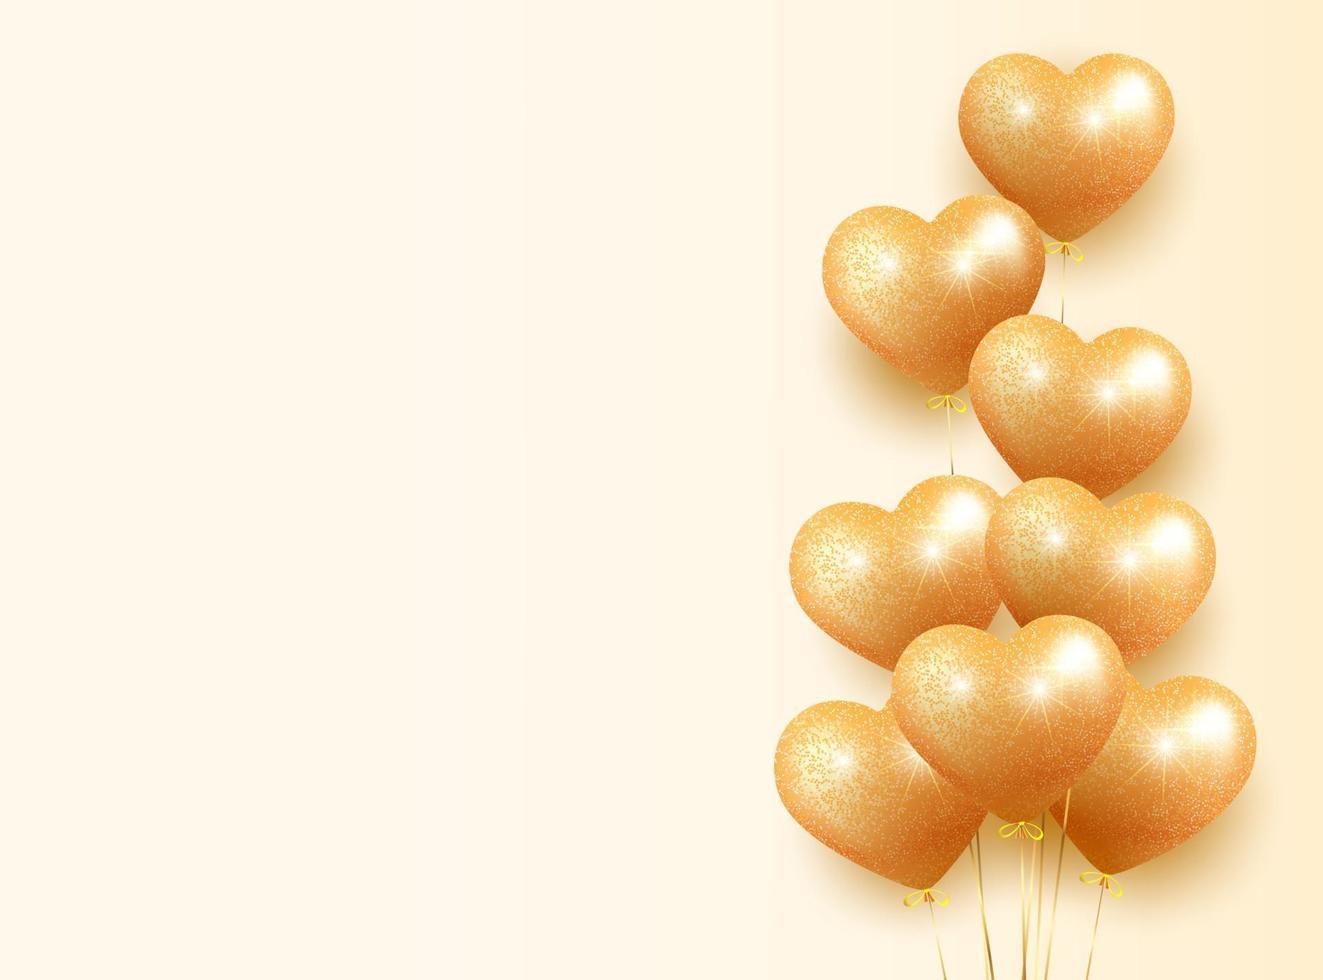 bannière de ballons de paillettes dorées vecteur